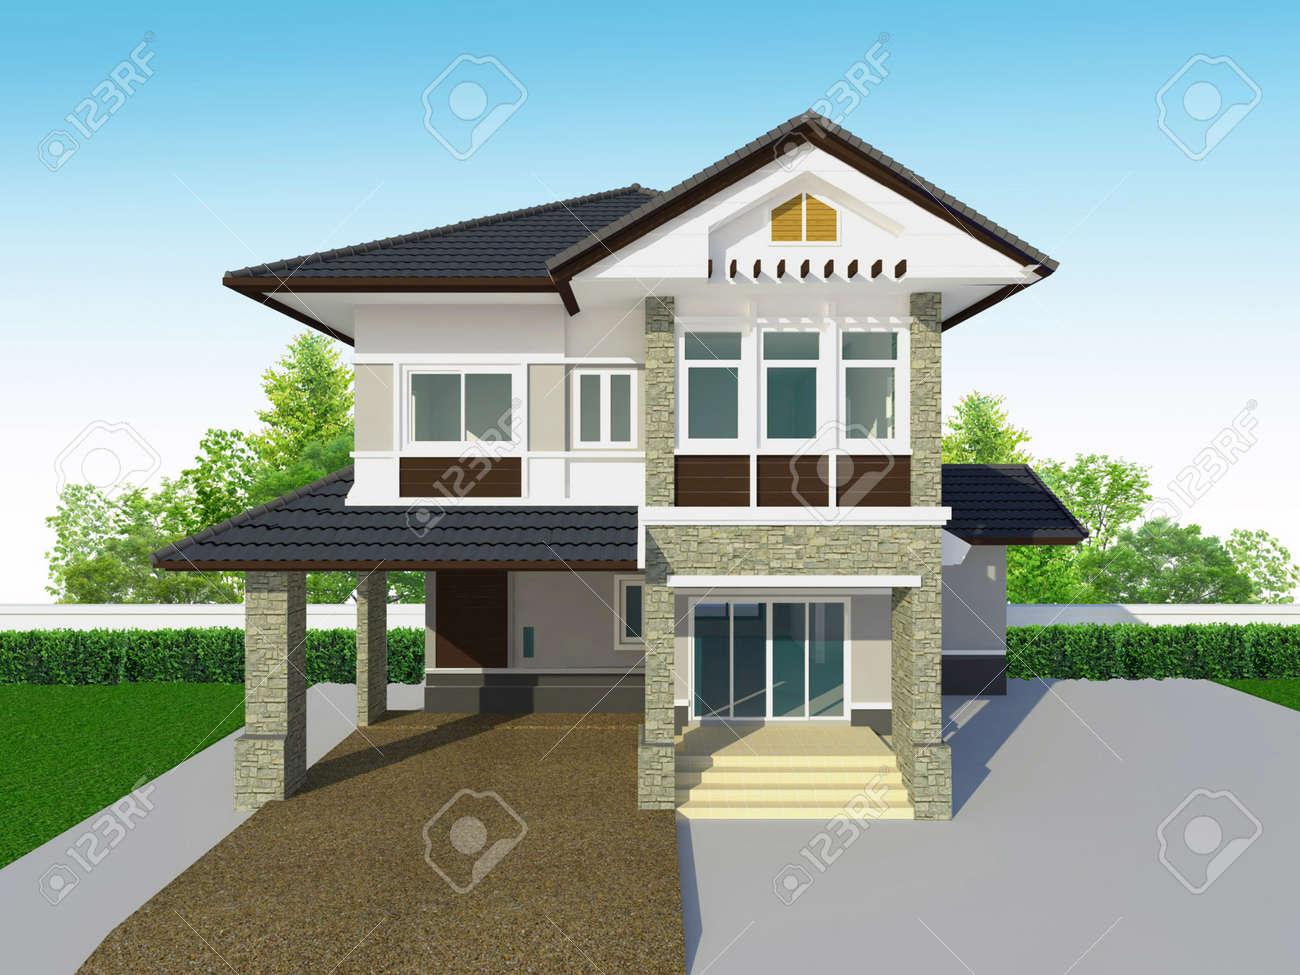 Häuser Außen Lizenzfreie Fotos, Bilder Und Stock Fotografie. Image ...